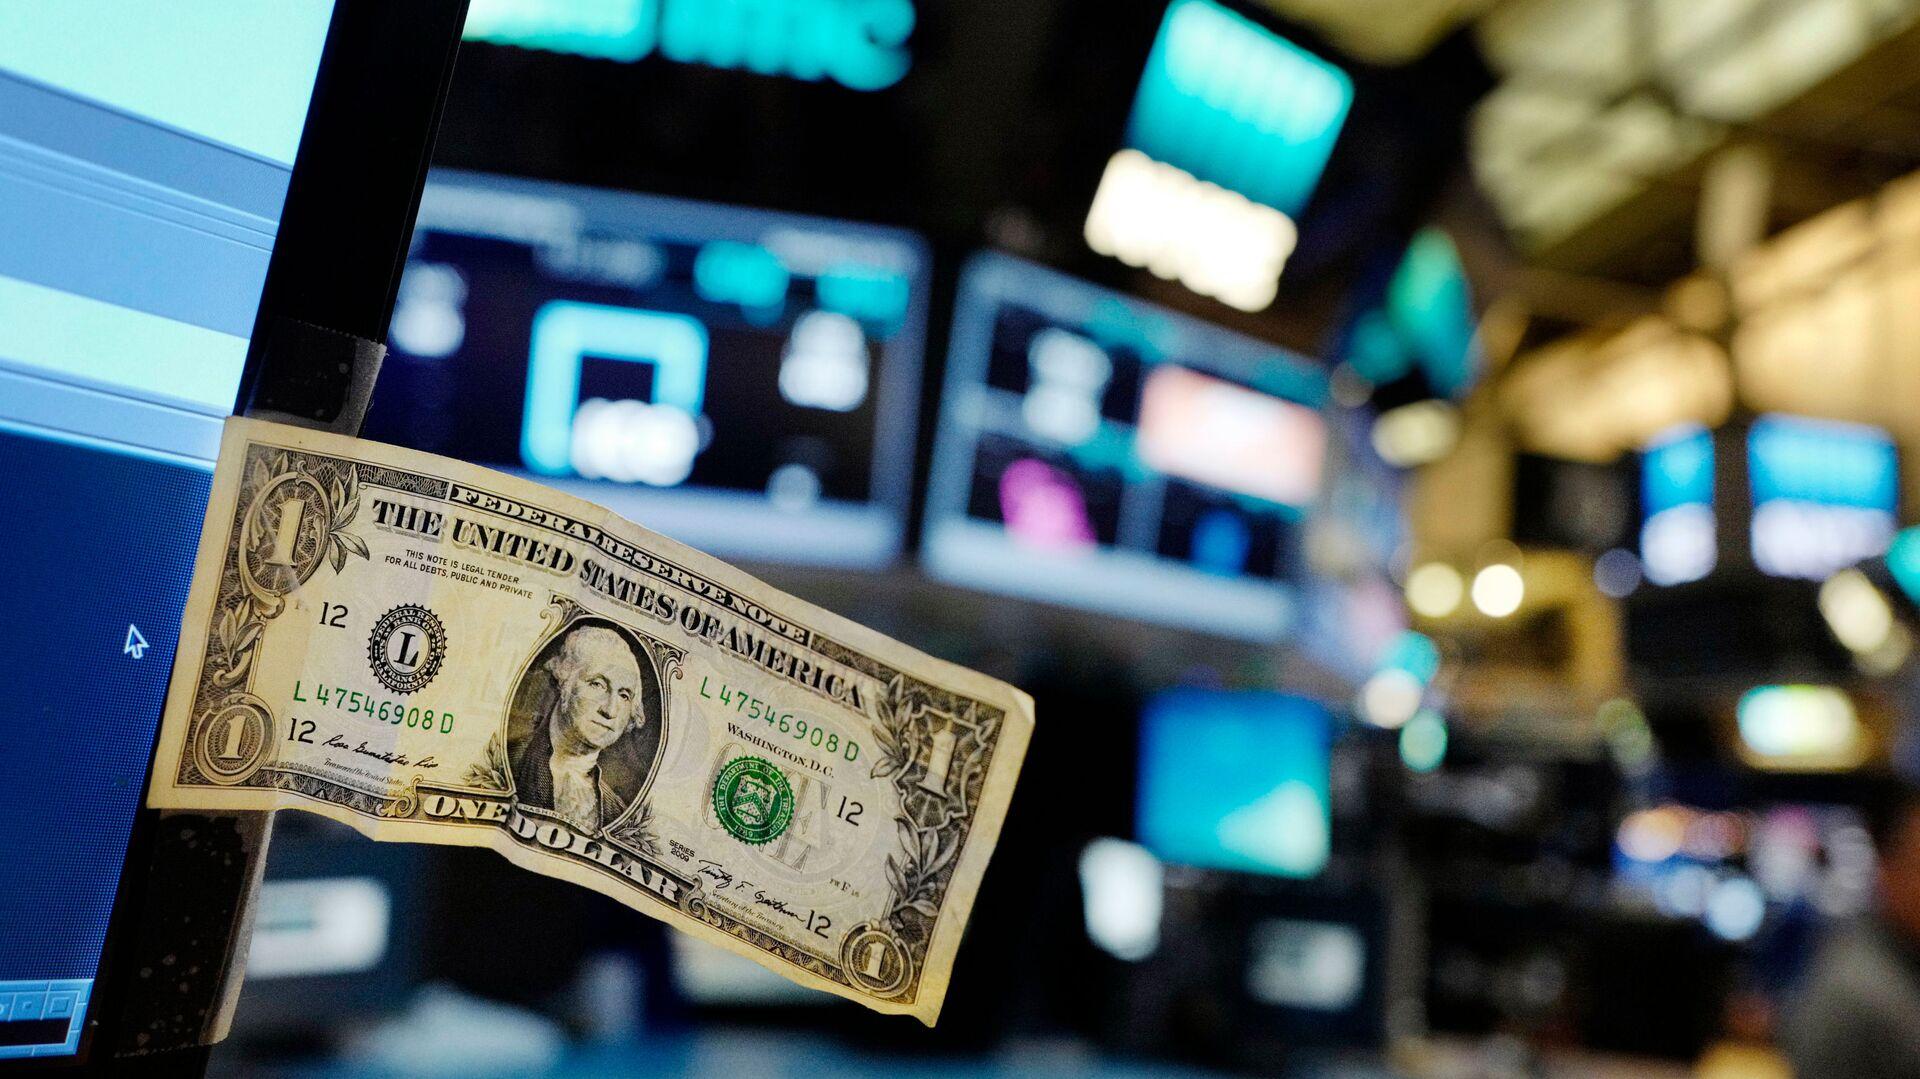 Долларовая банкнота прикреплена к экрану компьютера трейдера на Нью-Йоркской фондовой бирже - РИА Новости, 1920, 12.11.2020